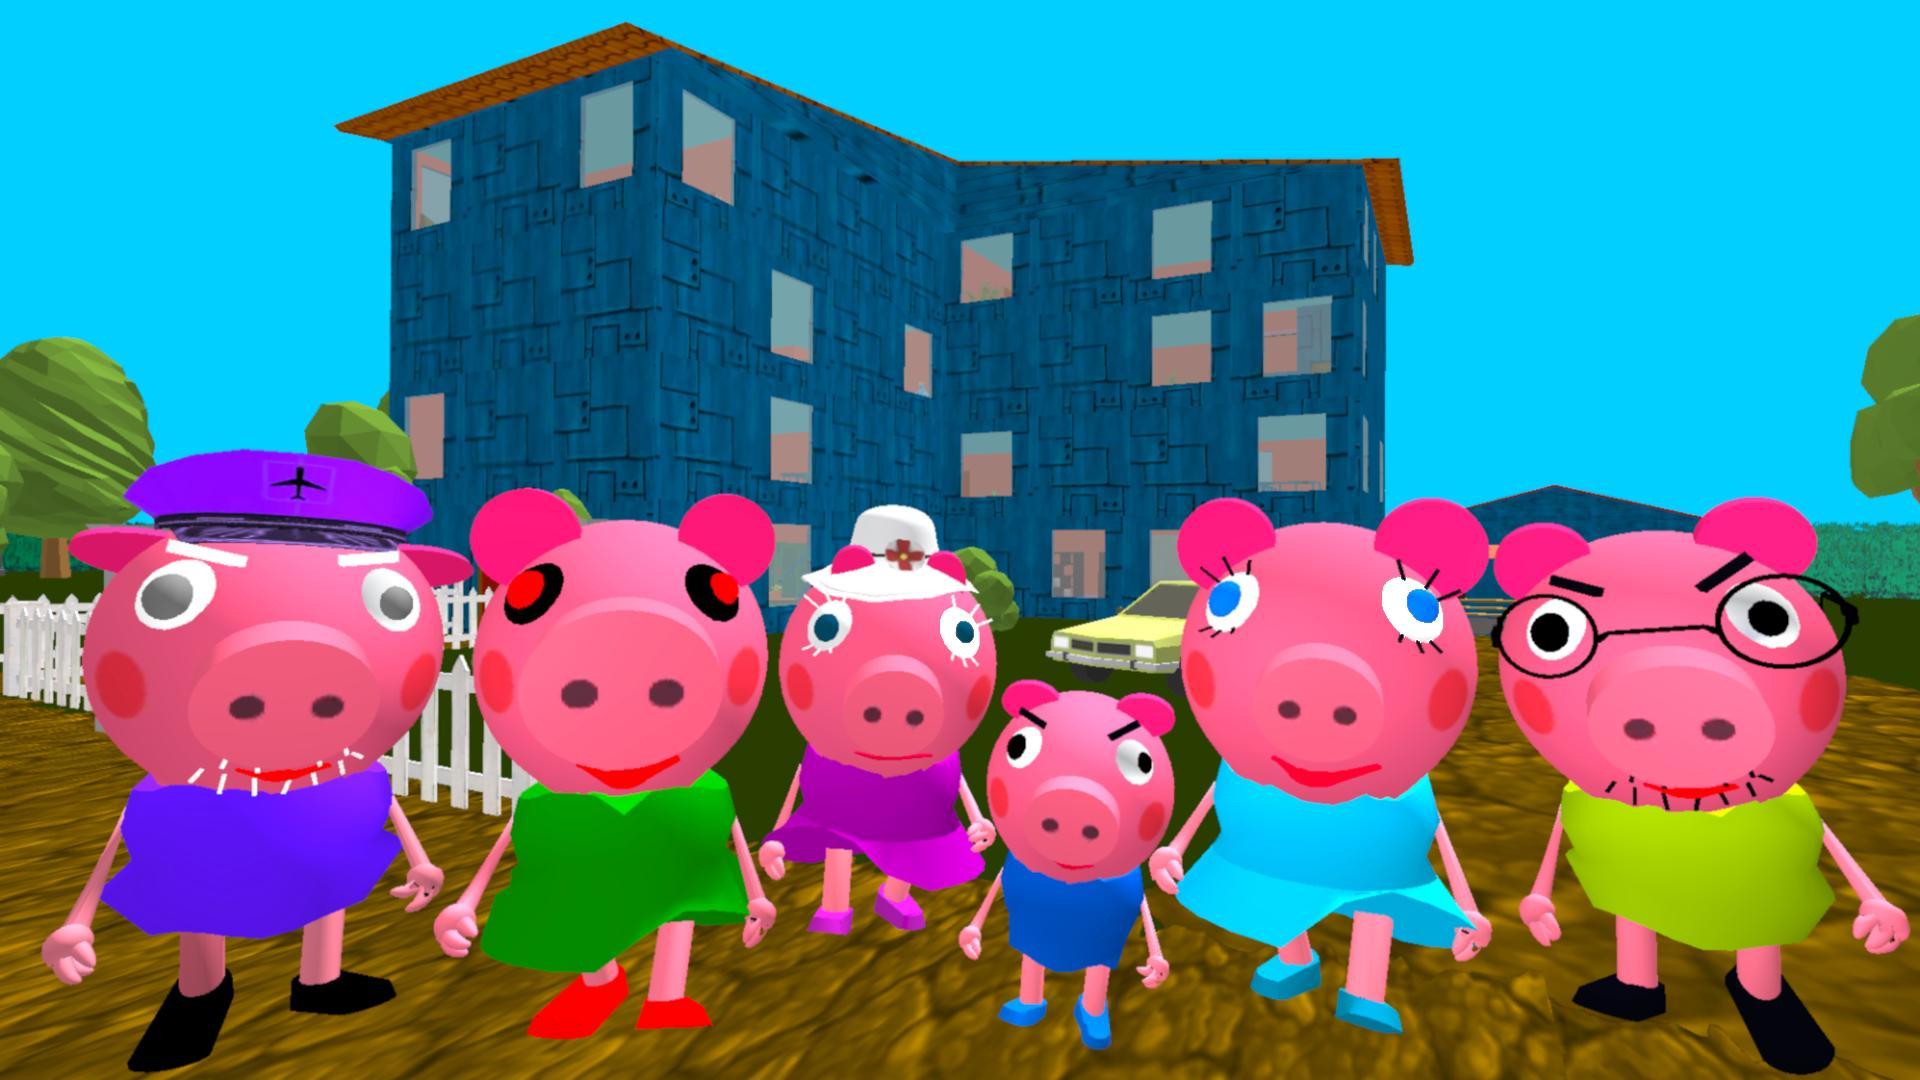 Piggy Neighbor. Family Escape Obby House 3D 1.9 Screenshot 1